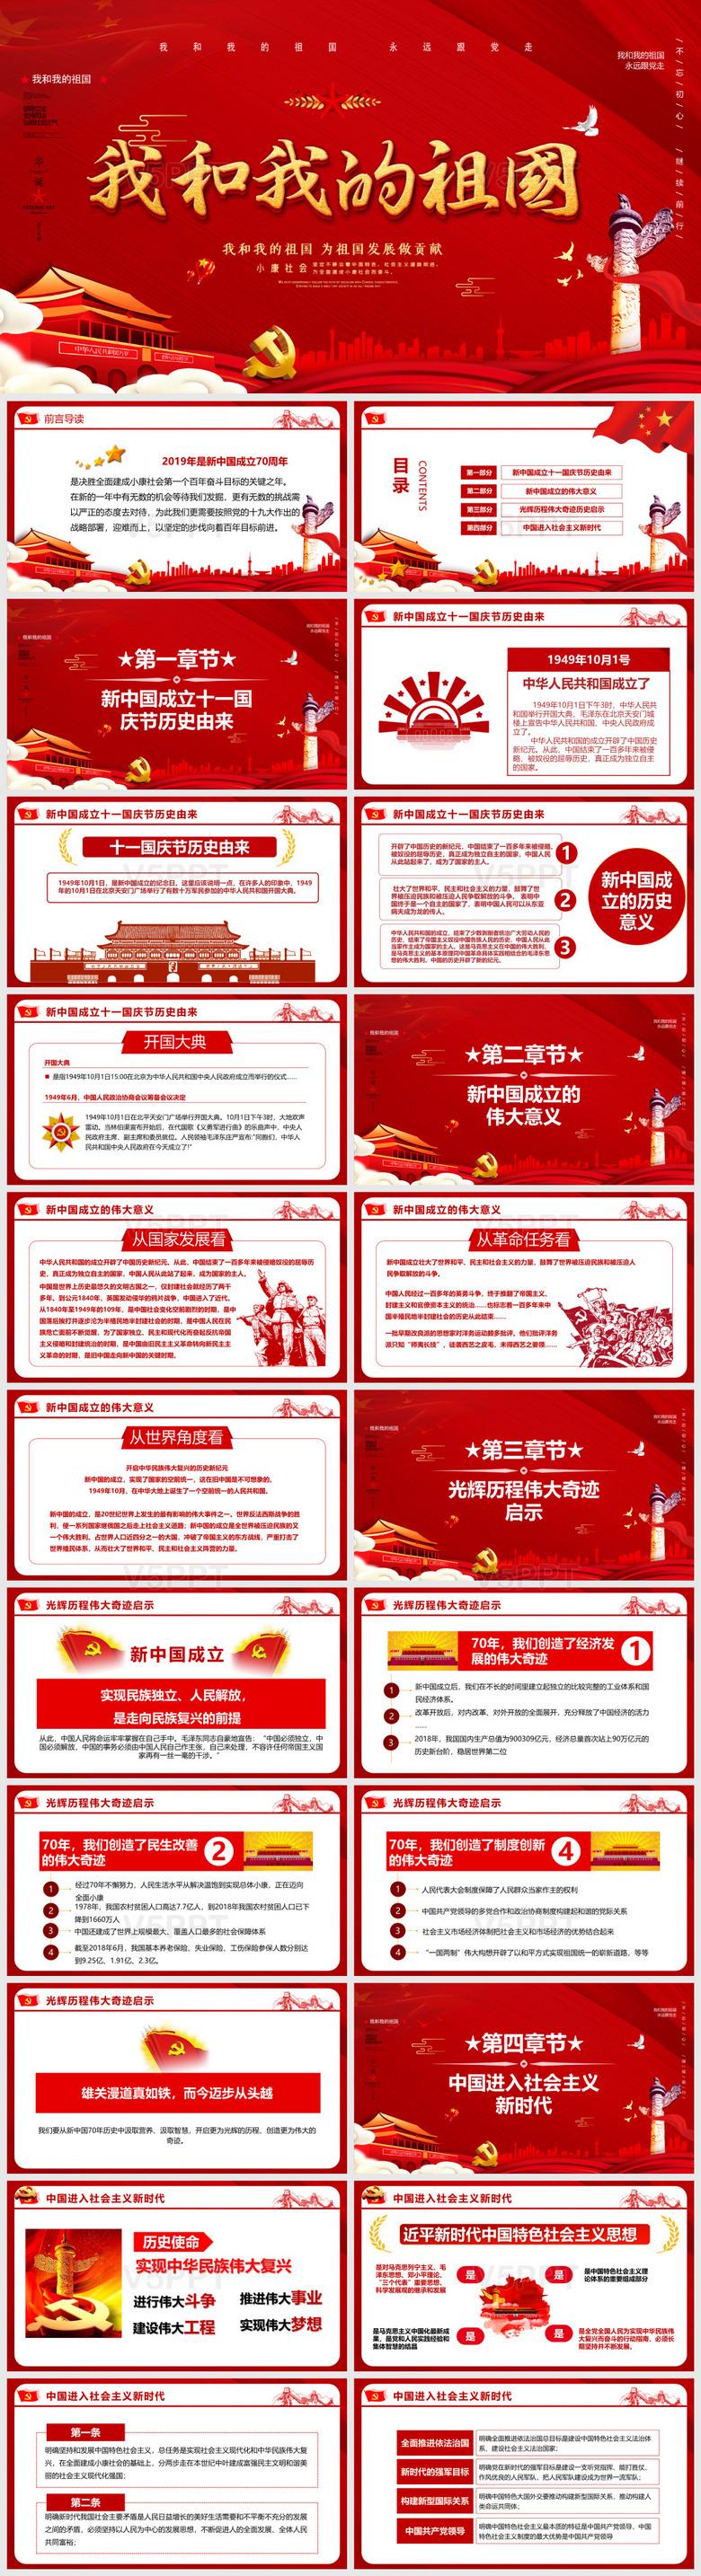 建国70周年庆典祖国母亲生日PPT模板